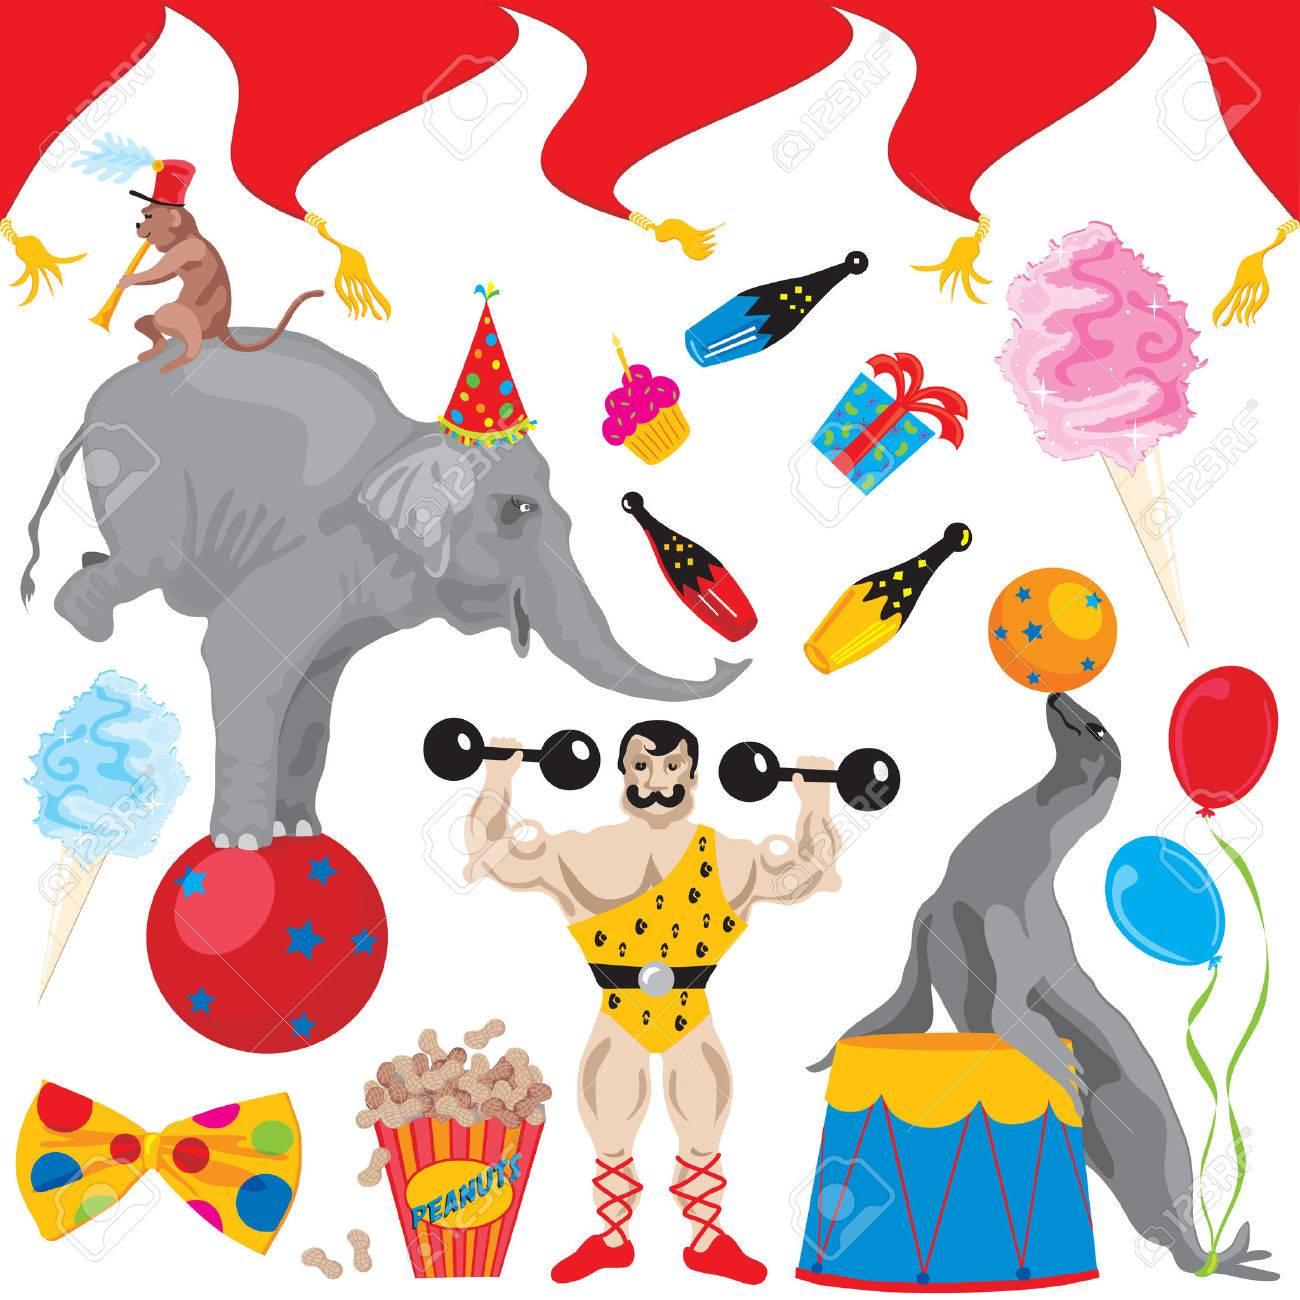 白で隔離されるサーカス誕生日パーティー クリップ アート要素のイラスト